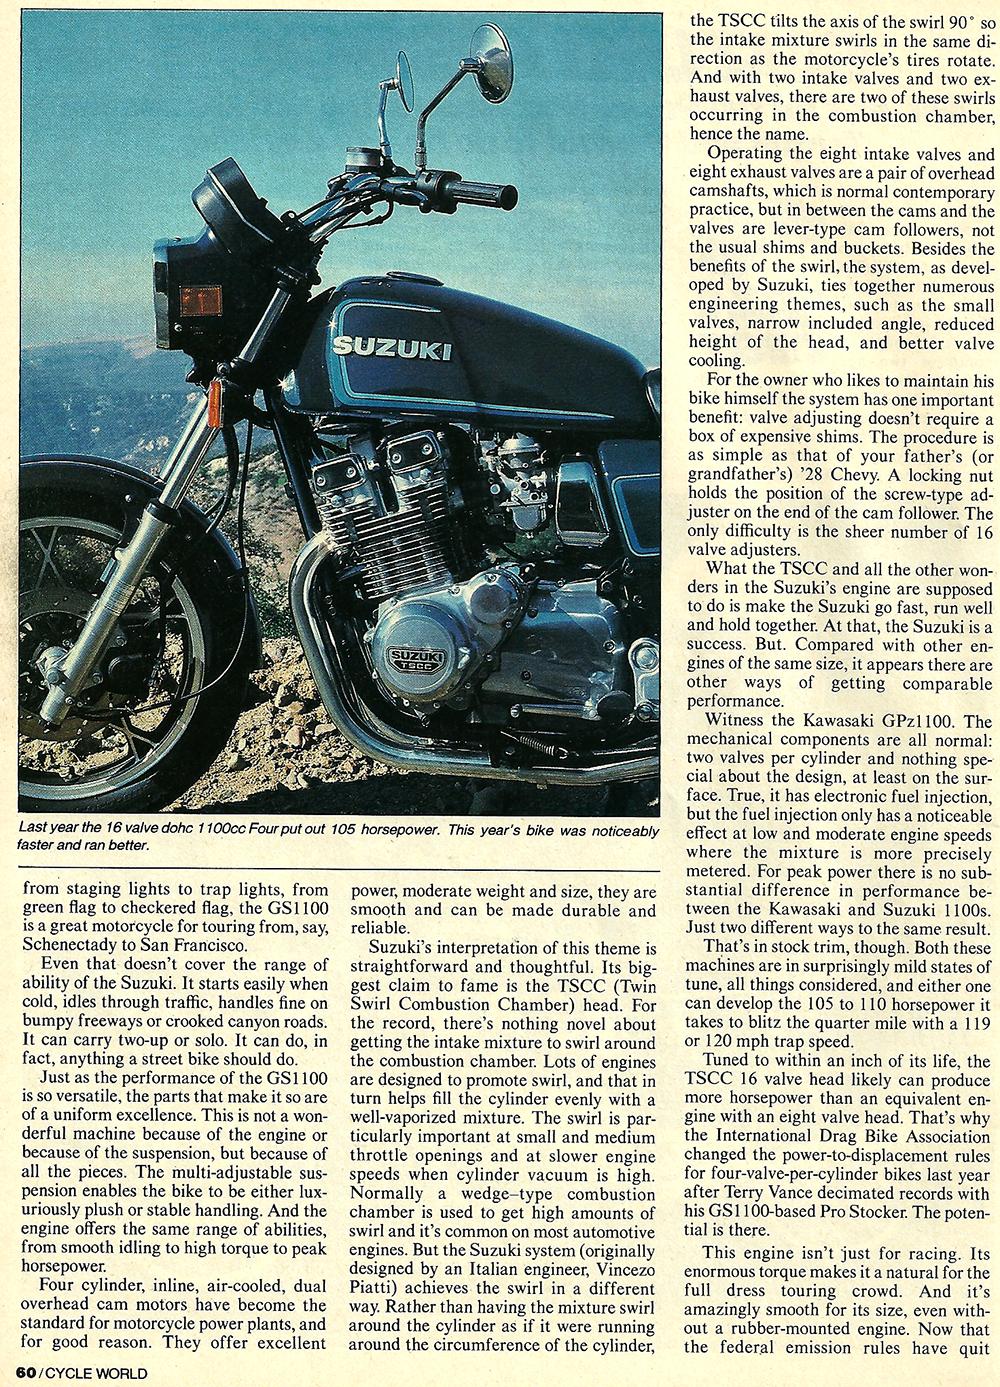 1981 Suzuki GS1100E road test 2.jpg